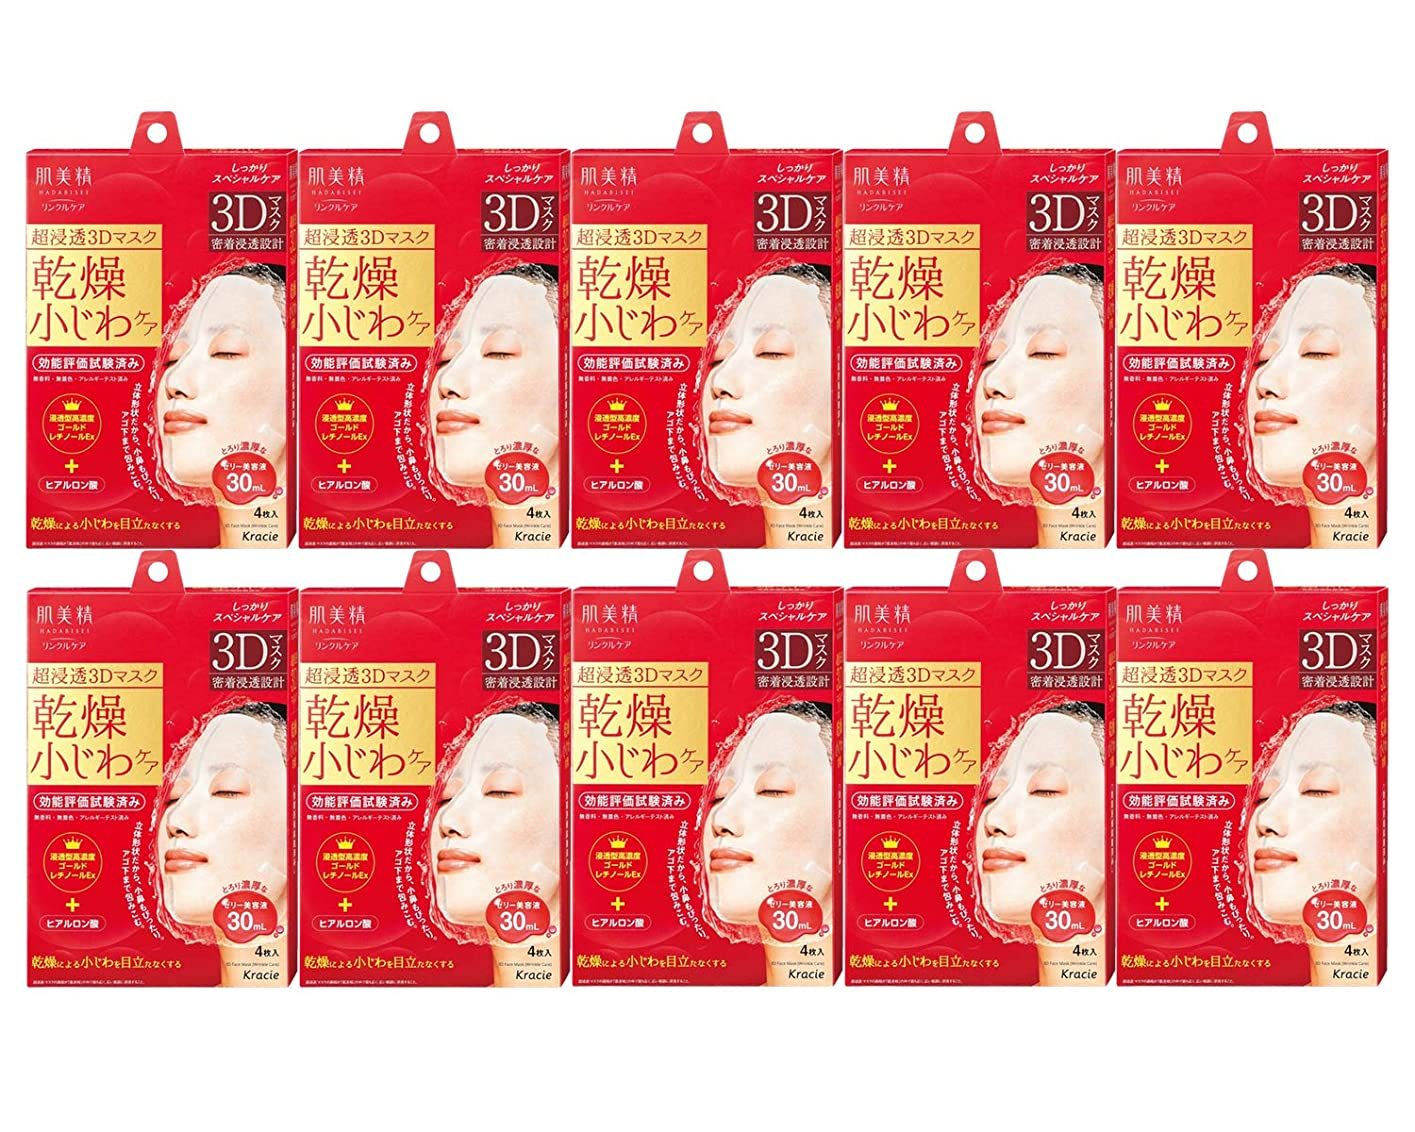 急流含む抑制【クラシエ】肌美精 リンクルケア3Dマスク 4枚入 ×10個セット